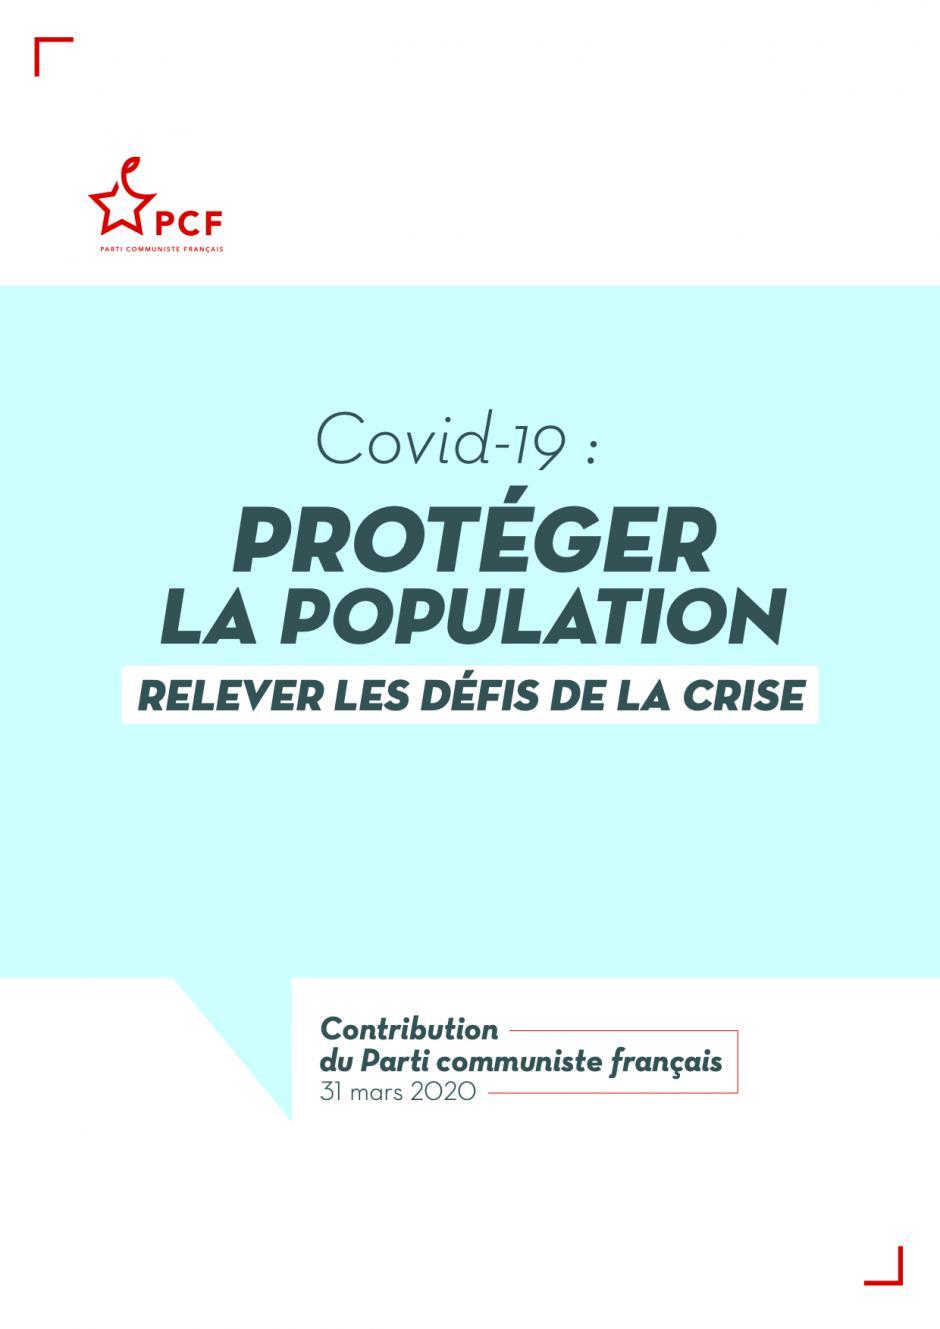 Covid-19 : protéger la population, relever les défis de la crise - Contribution du Parti communiste français, 31 mars 2020